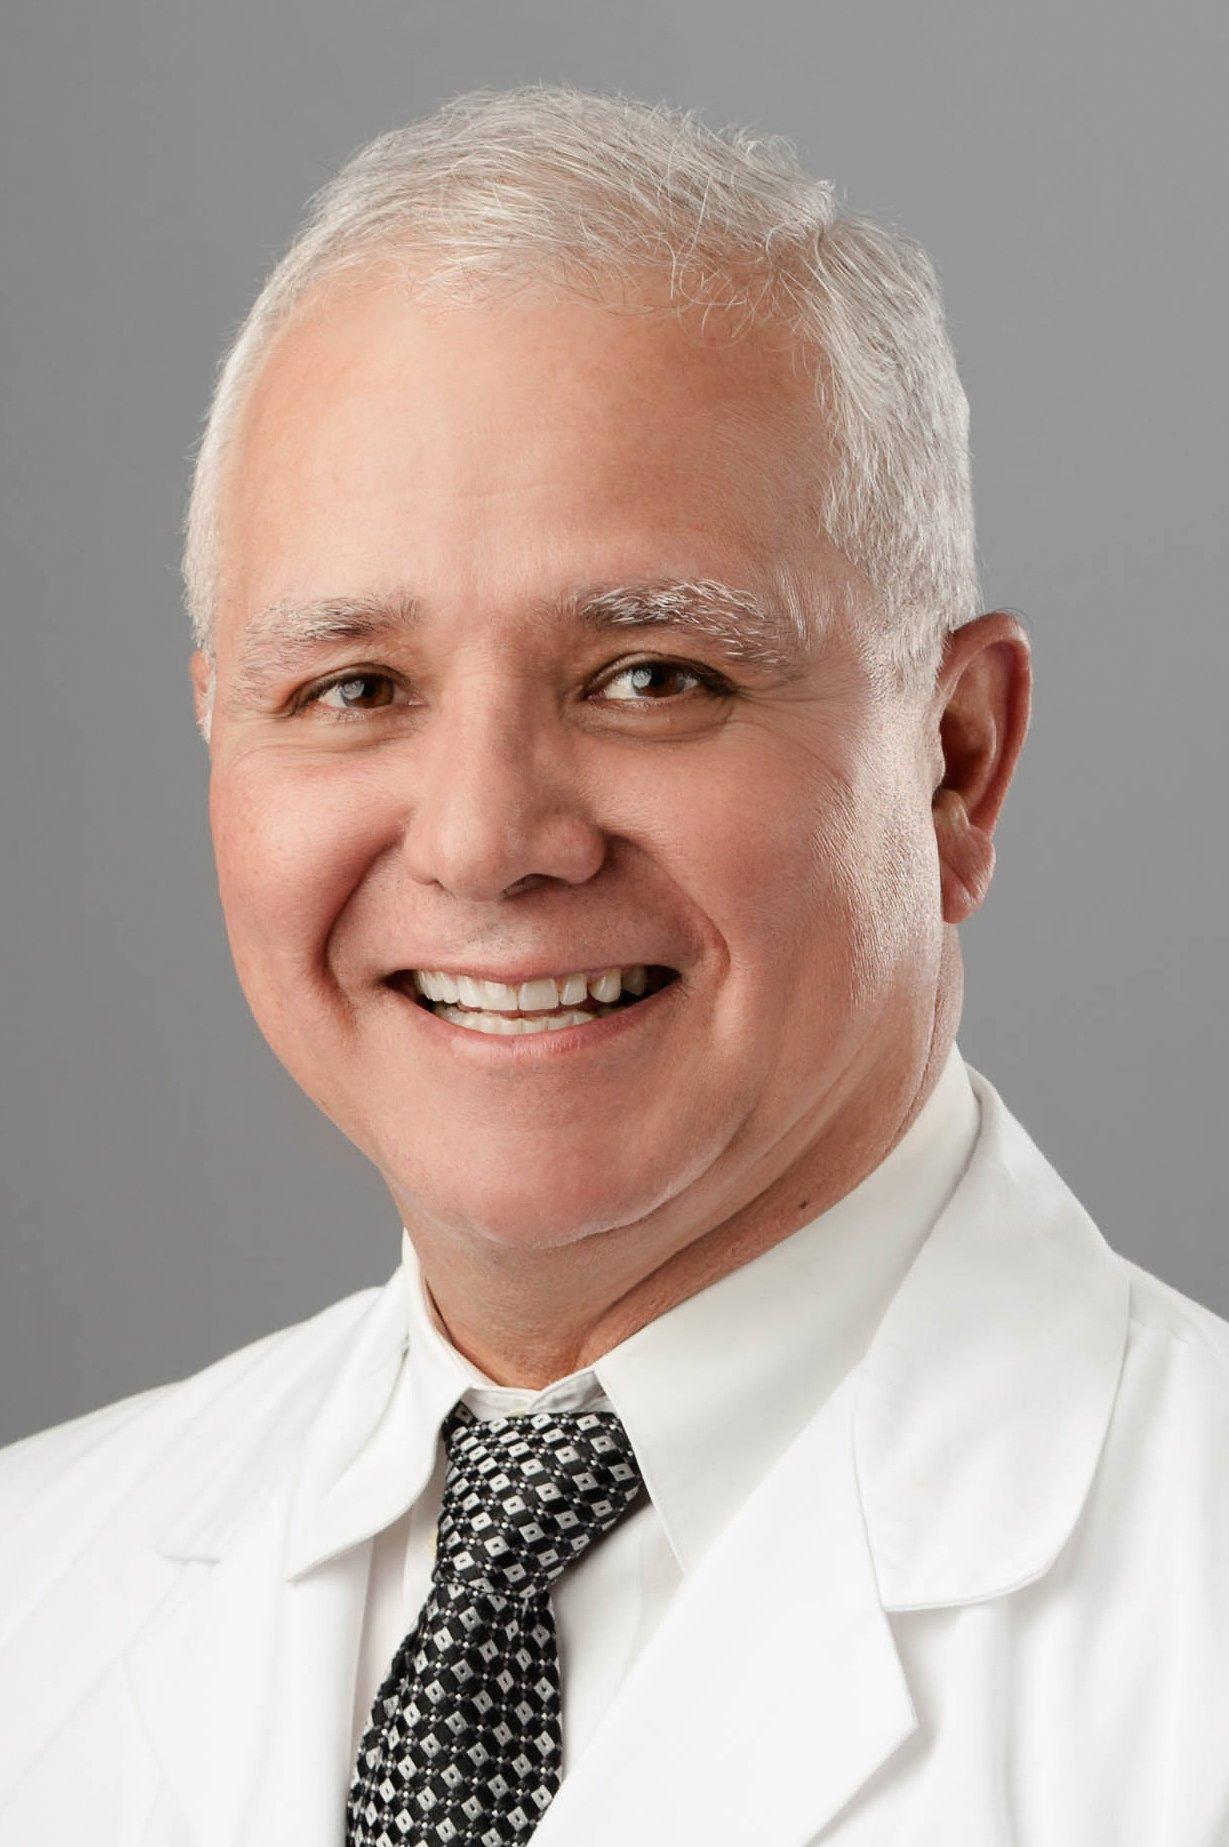 Ricardo Ayala, MD